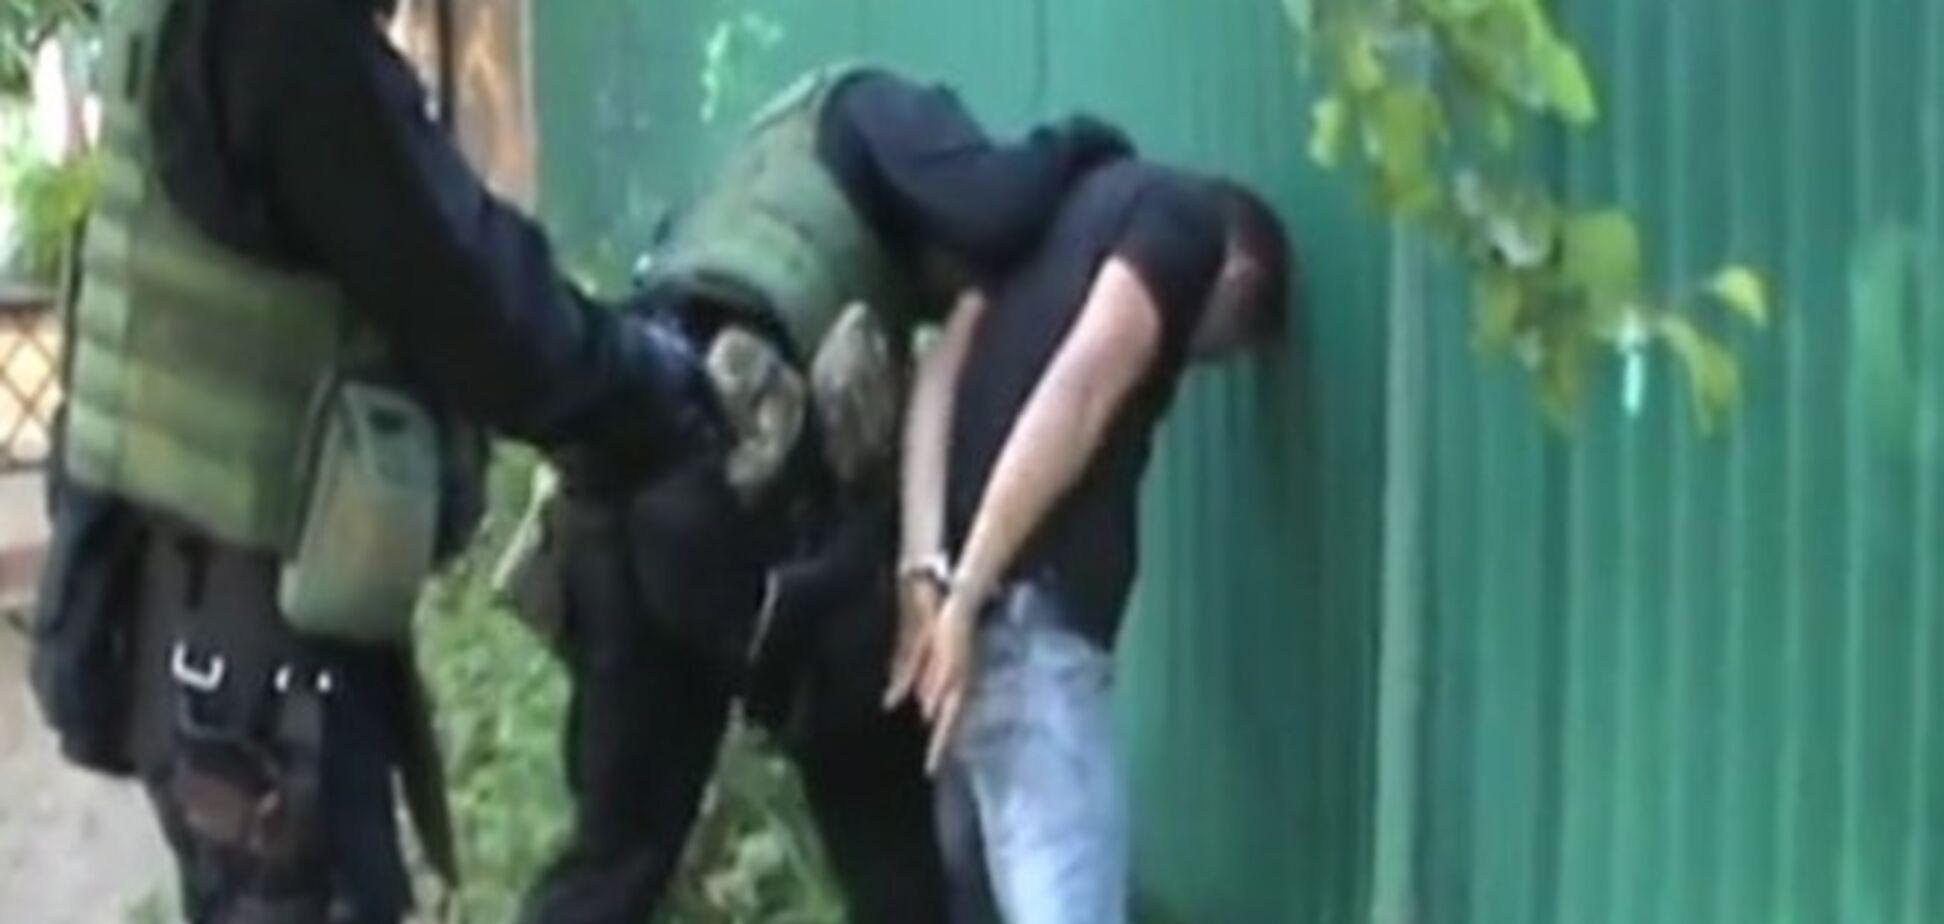 СБУ затримала організатора відправки терористів на схід України. Відеофакт